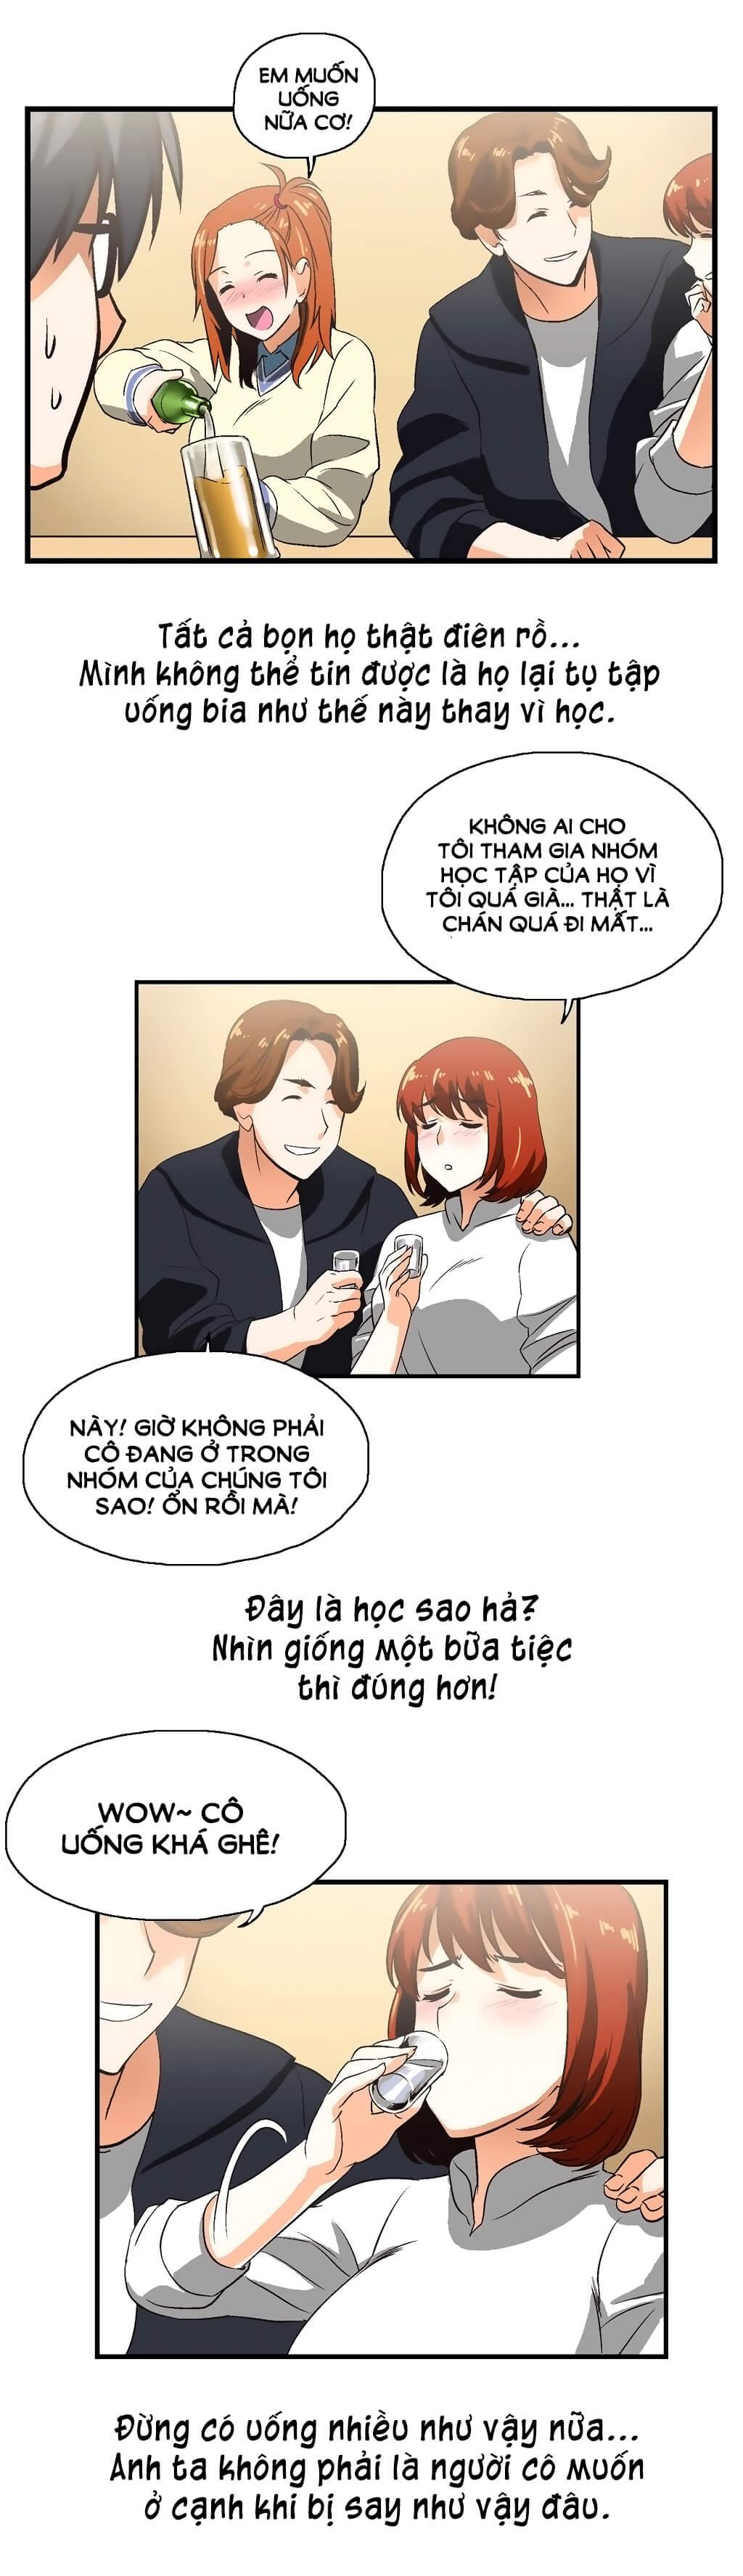 Hình ảnh HINH_00019 in Dàn Harem Của Thằng main Bựa